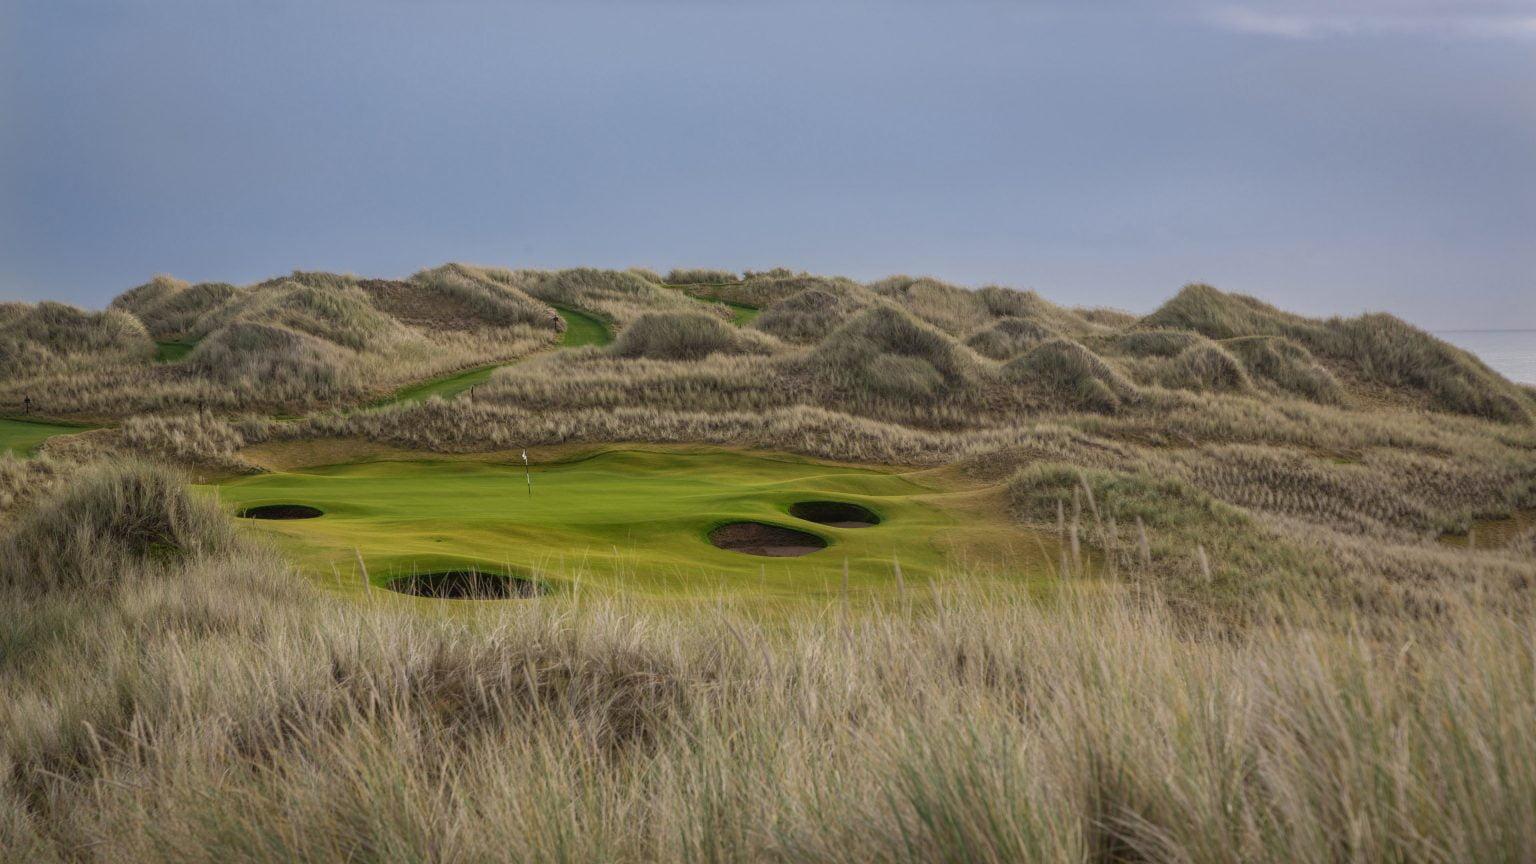 Trump International Golf Links, Aberdeen, Scotland